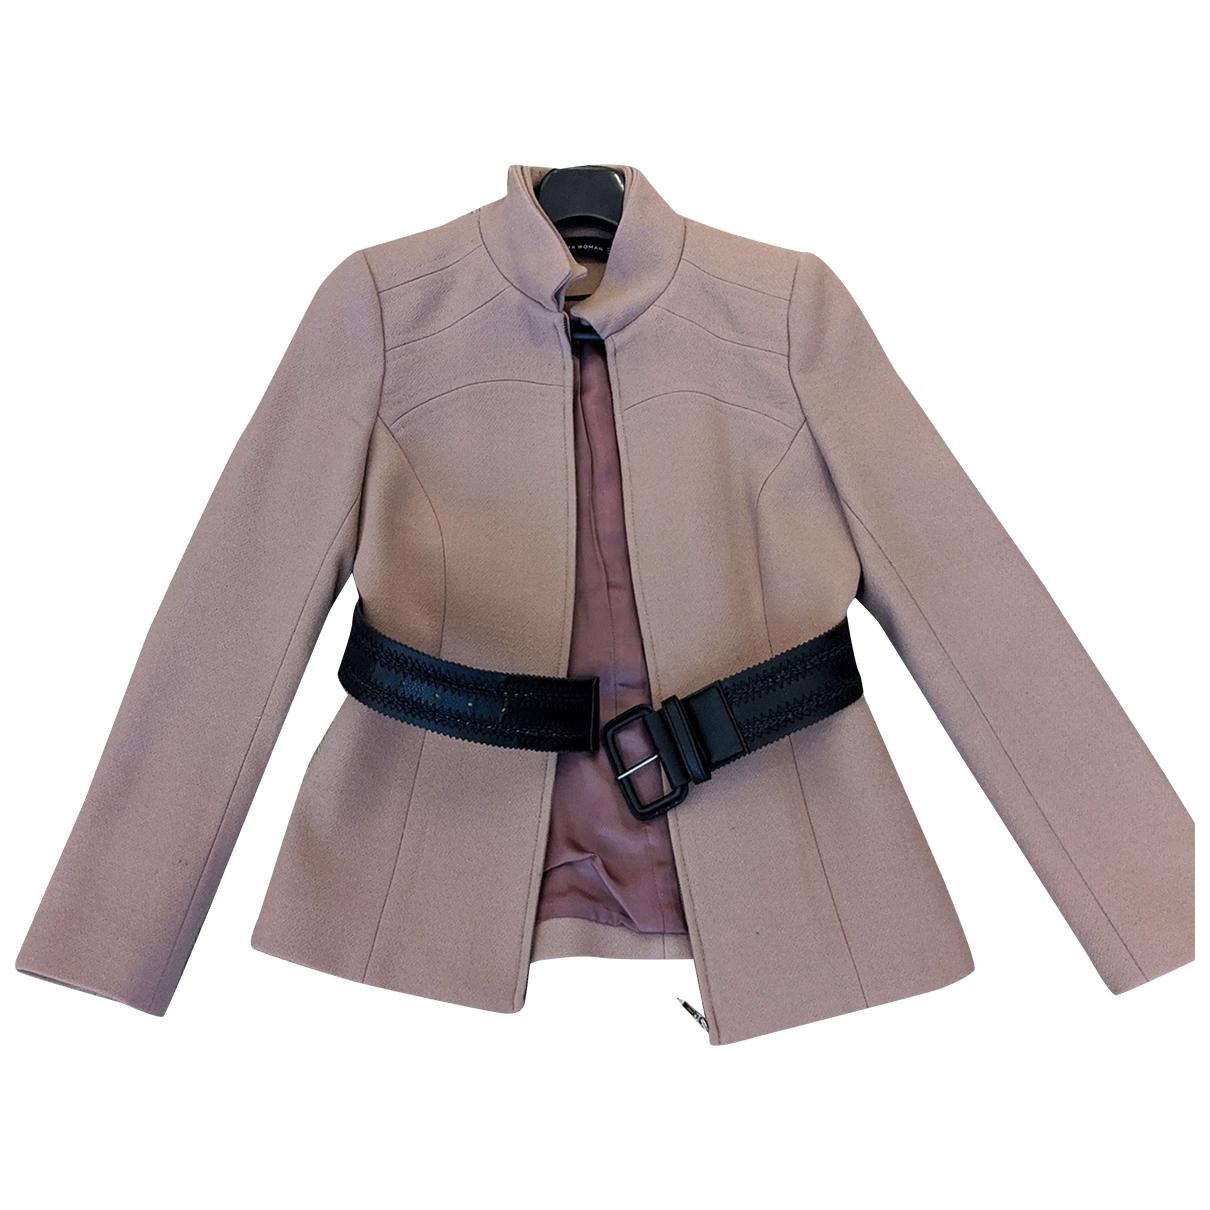 Zara - Veste   pour femme en laine - rose